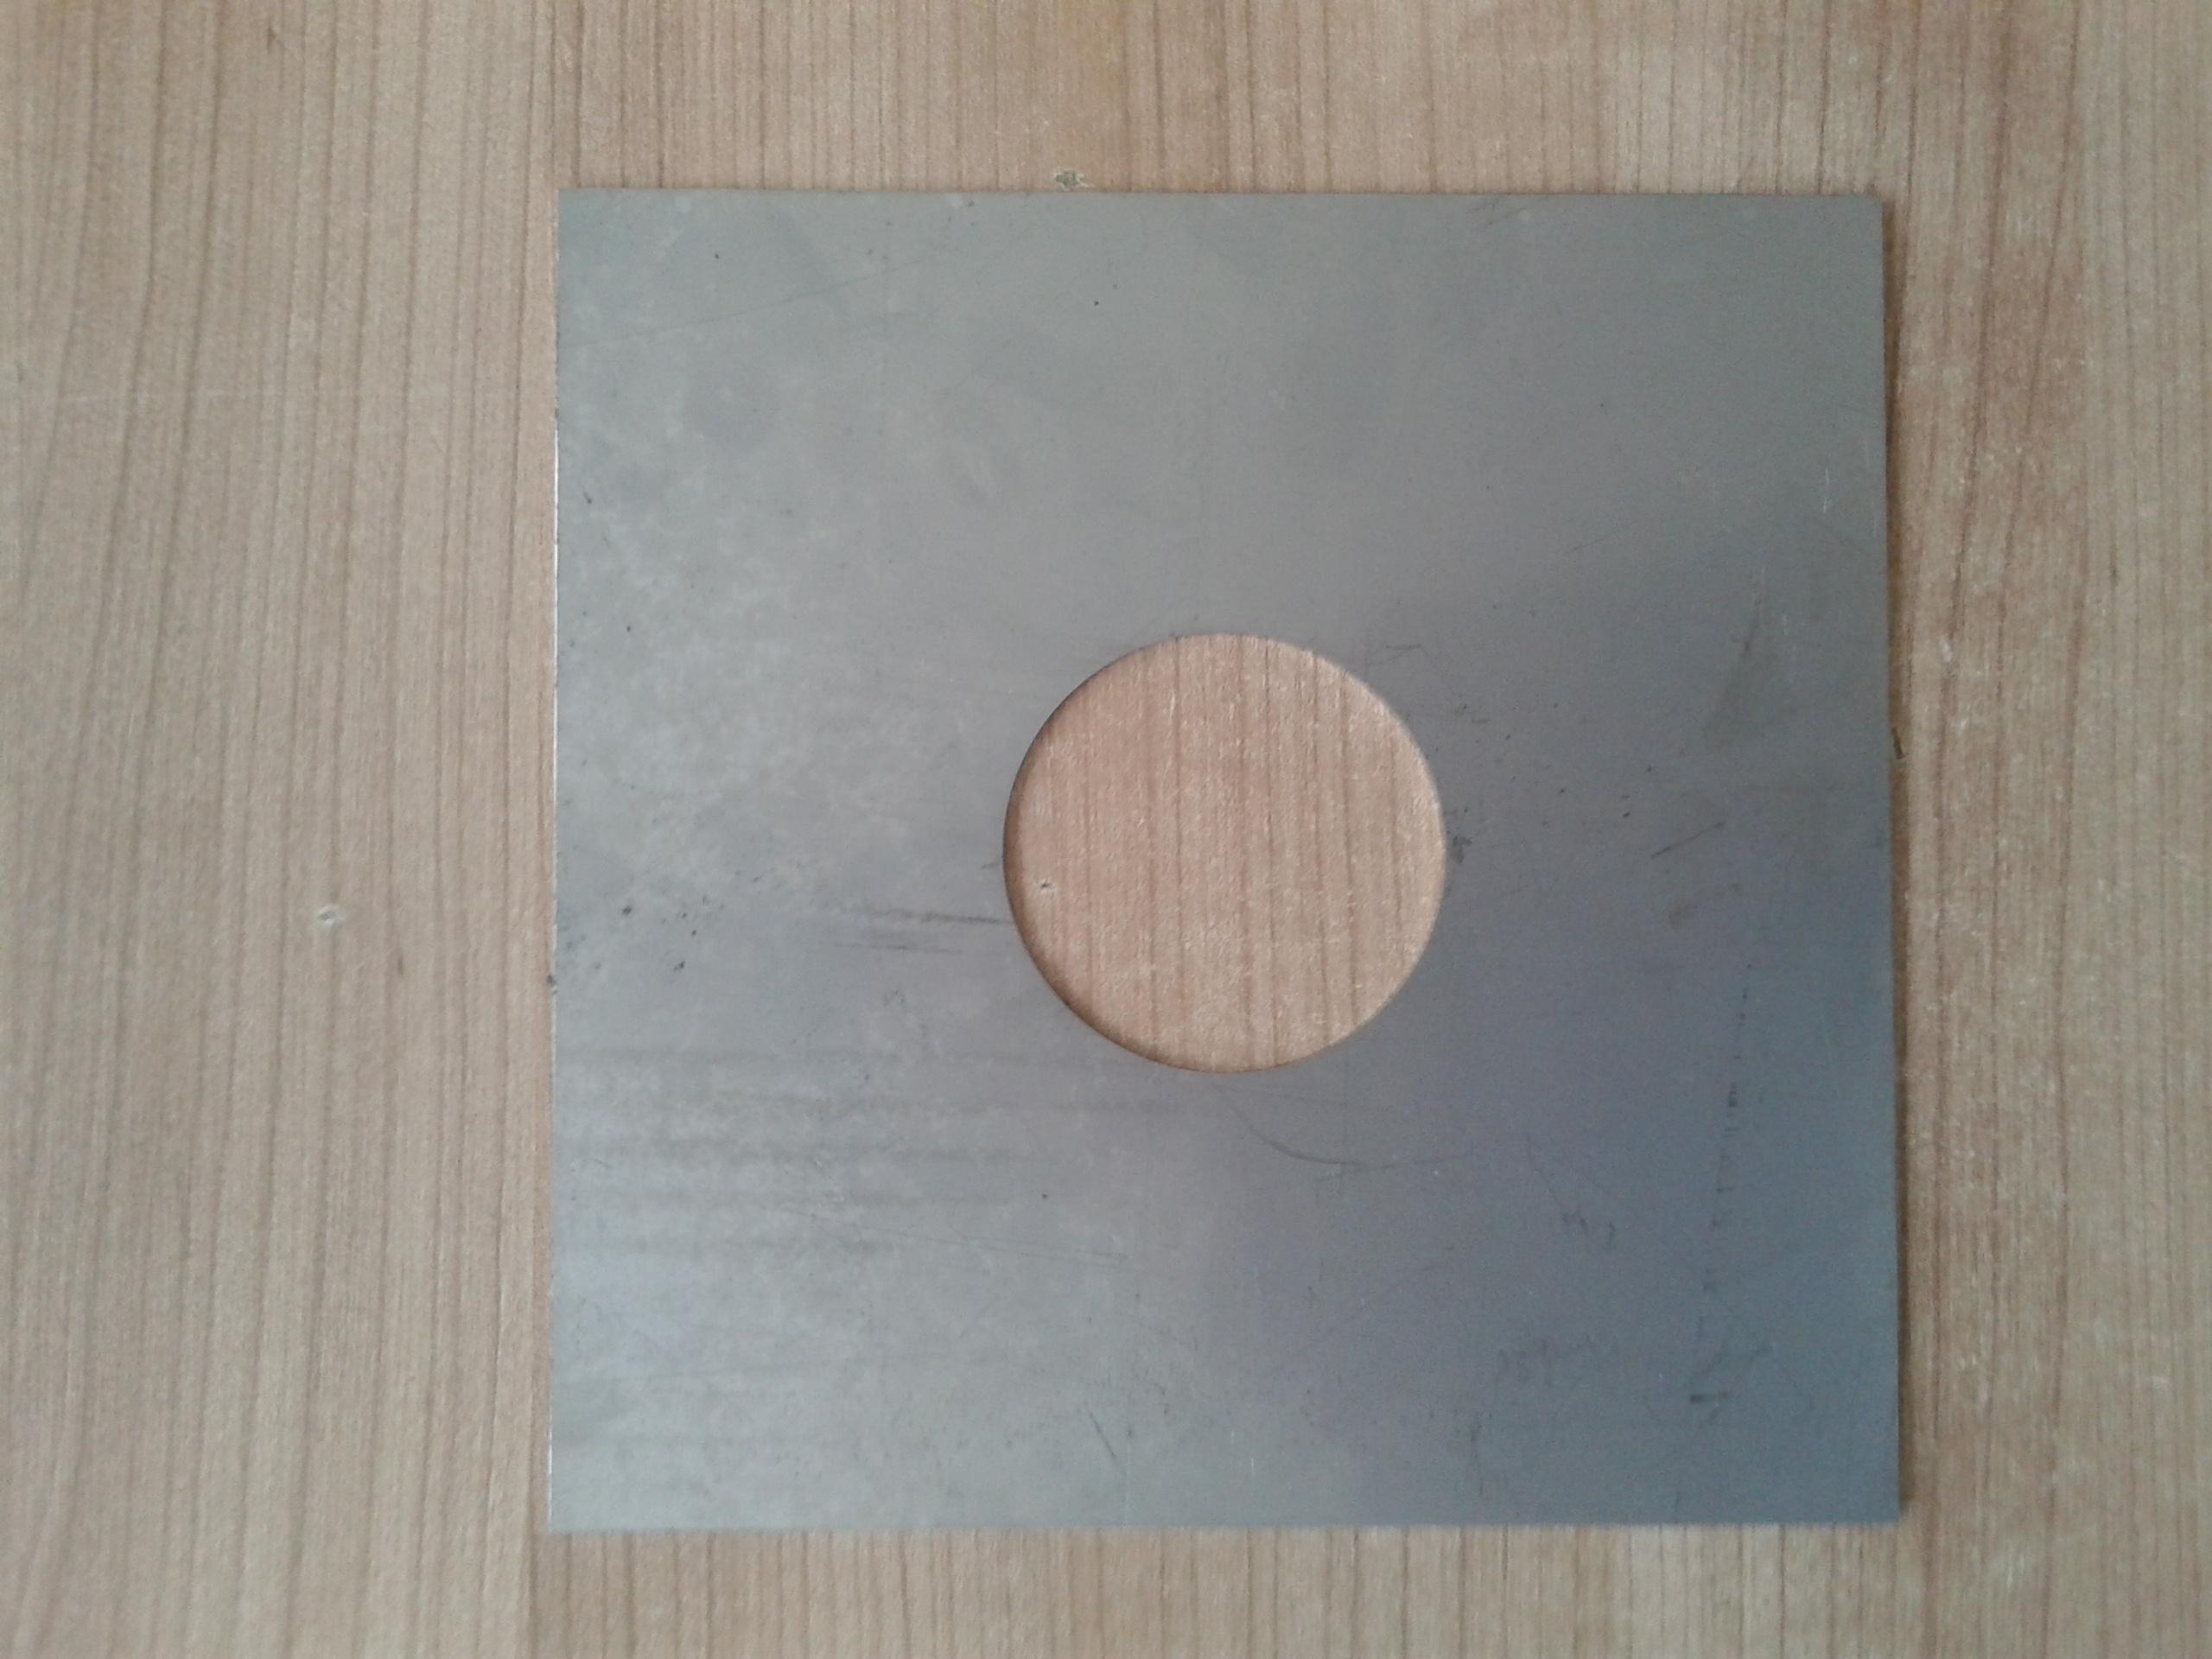 Vymezovací plech stojanu 140x140/60mm